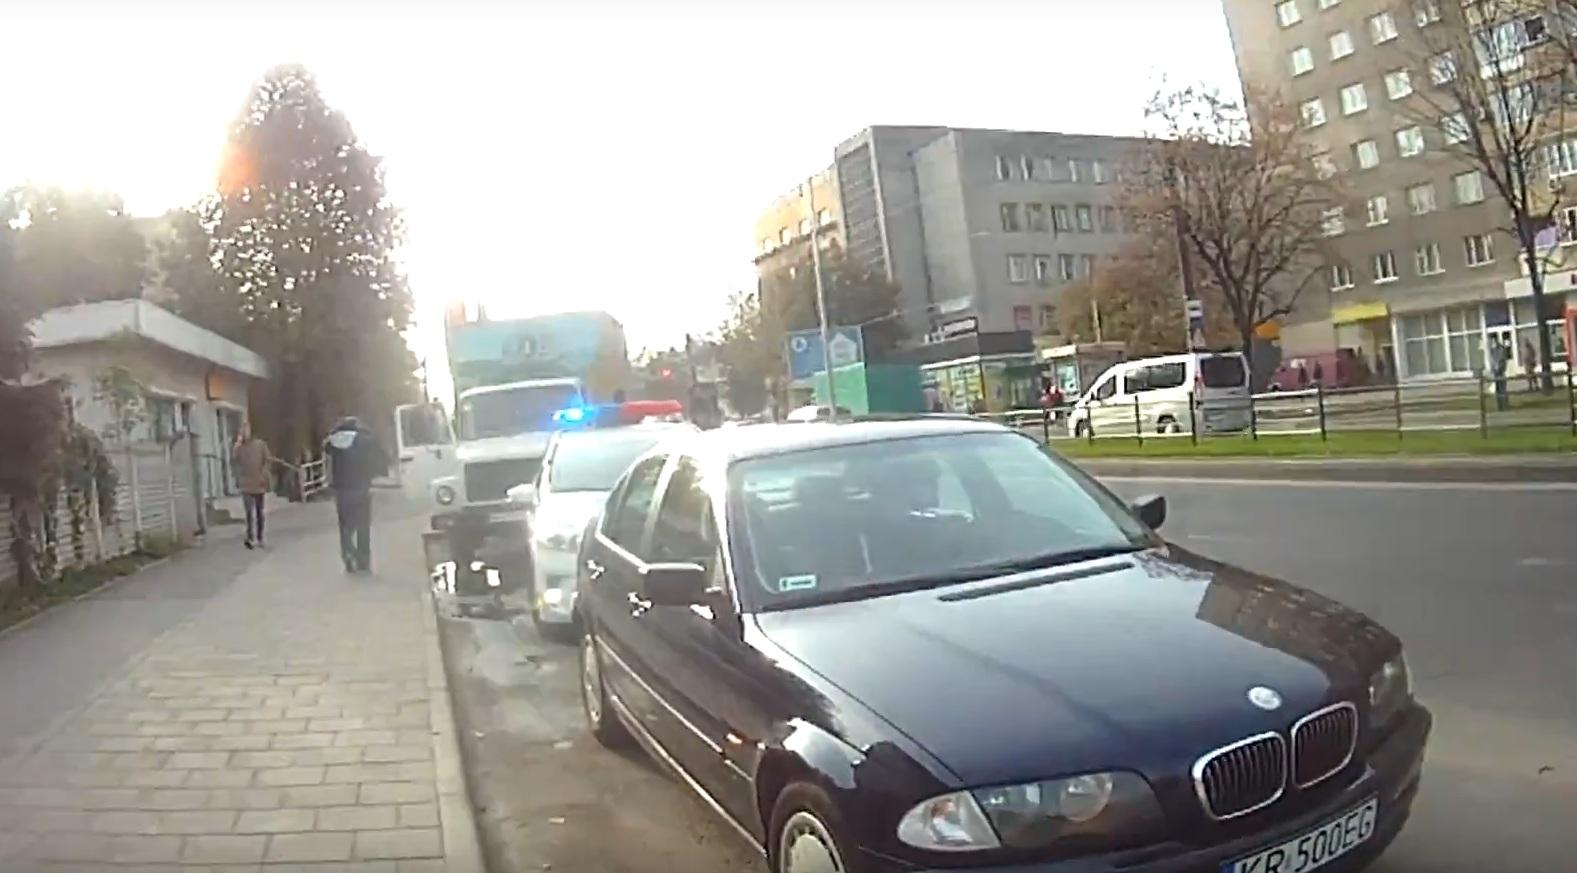 Водитель авто на еврономерах укусил полицейского и пытался съесть права